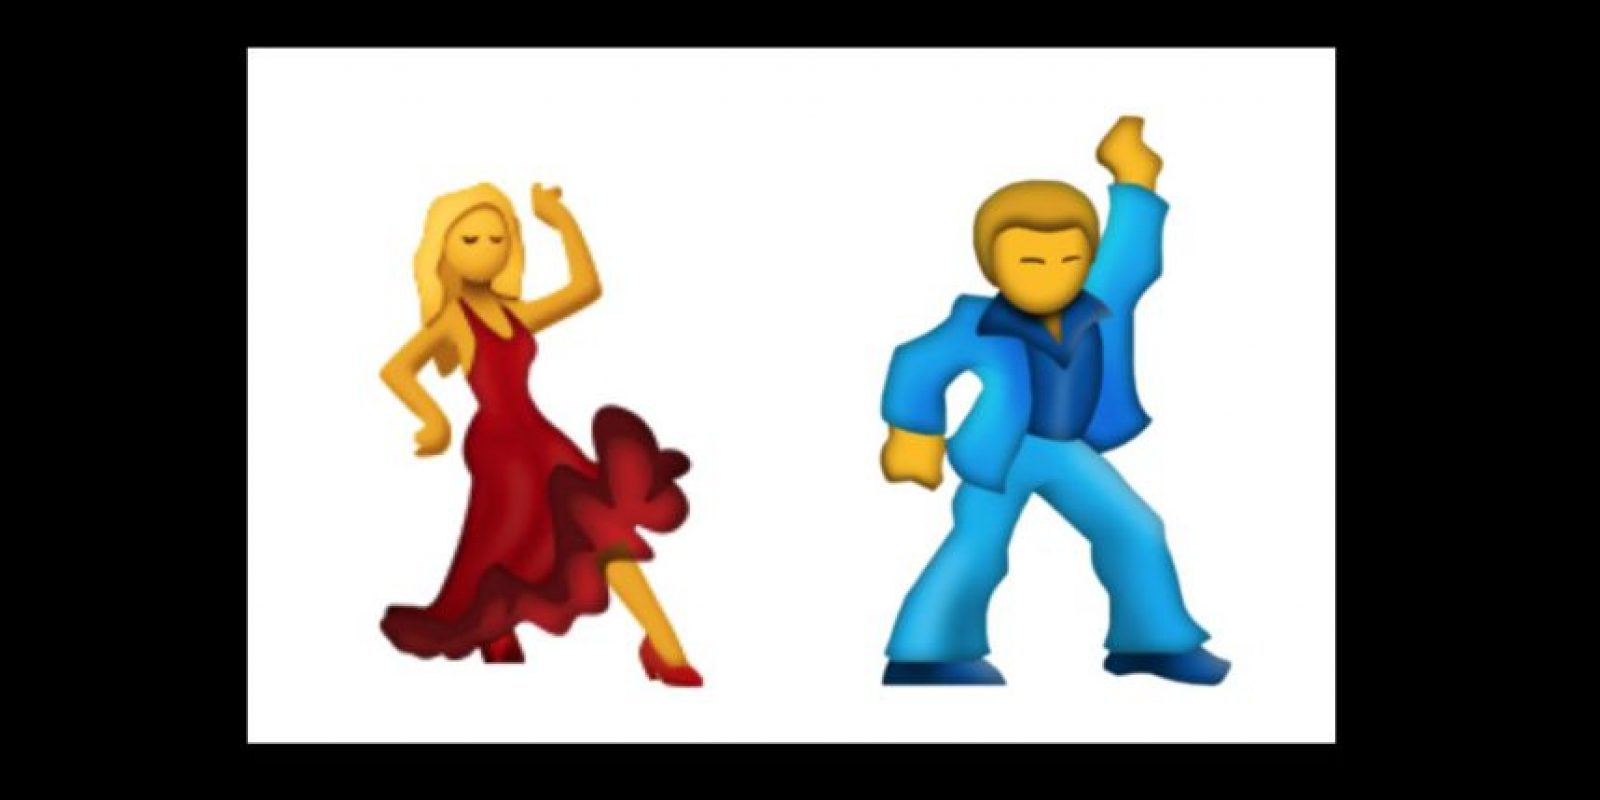 Hombre y mujer bailarines Foto:Emojipedia